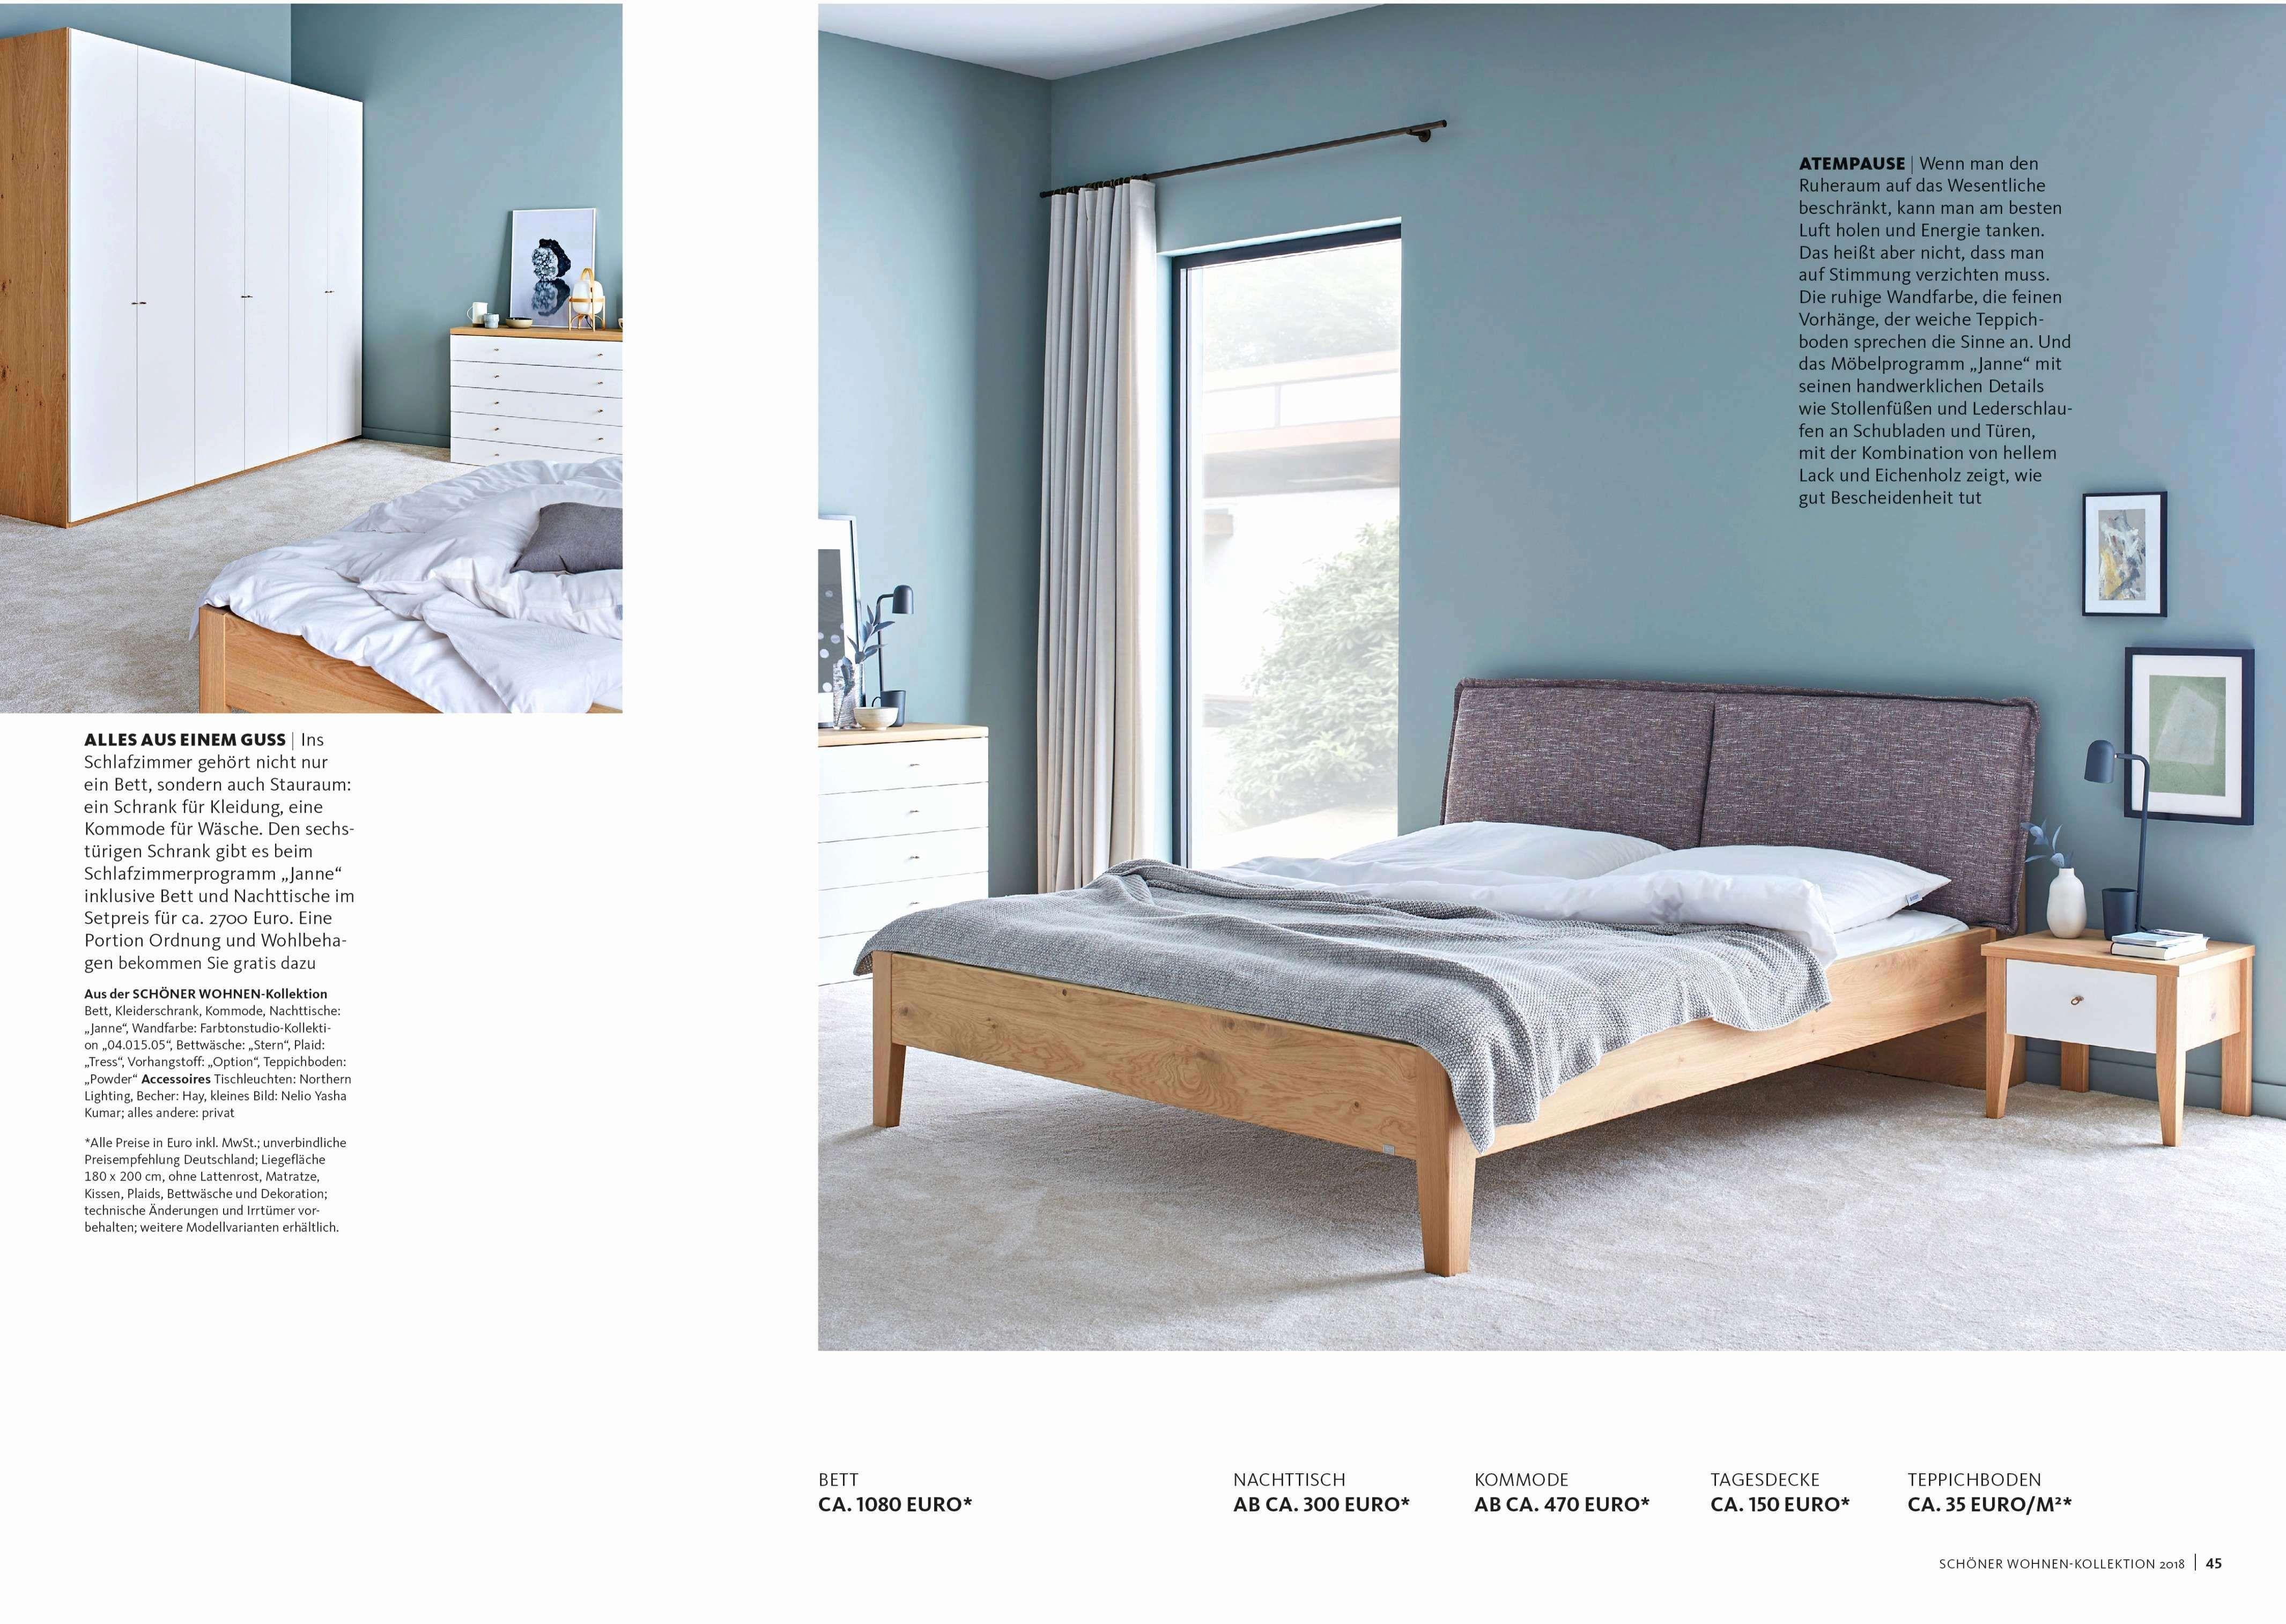 Jugendzimmer Eckschrank Begehbar Begehbarer Kleiderschrank Jugendzimmer Ikea In 2020 Bedroom Furniture Design Luxury Bedroom Furniture Home Decor